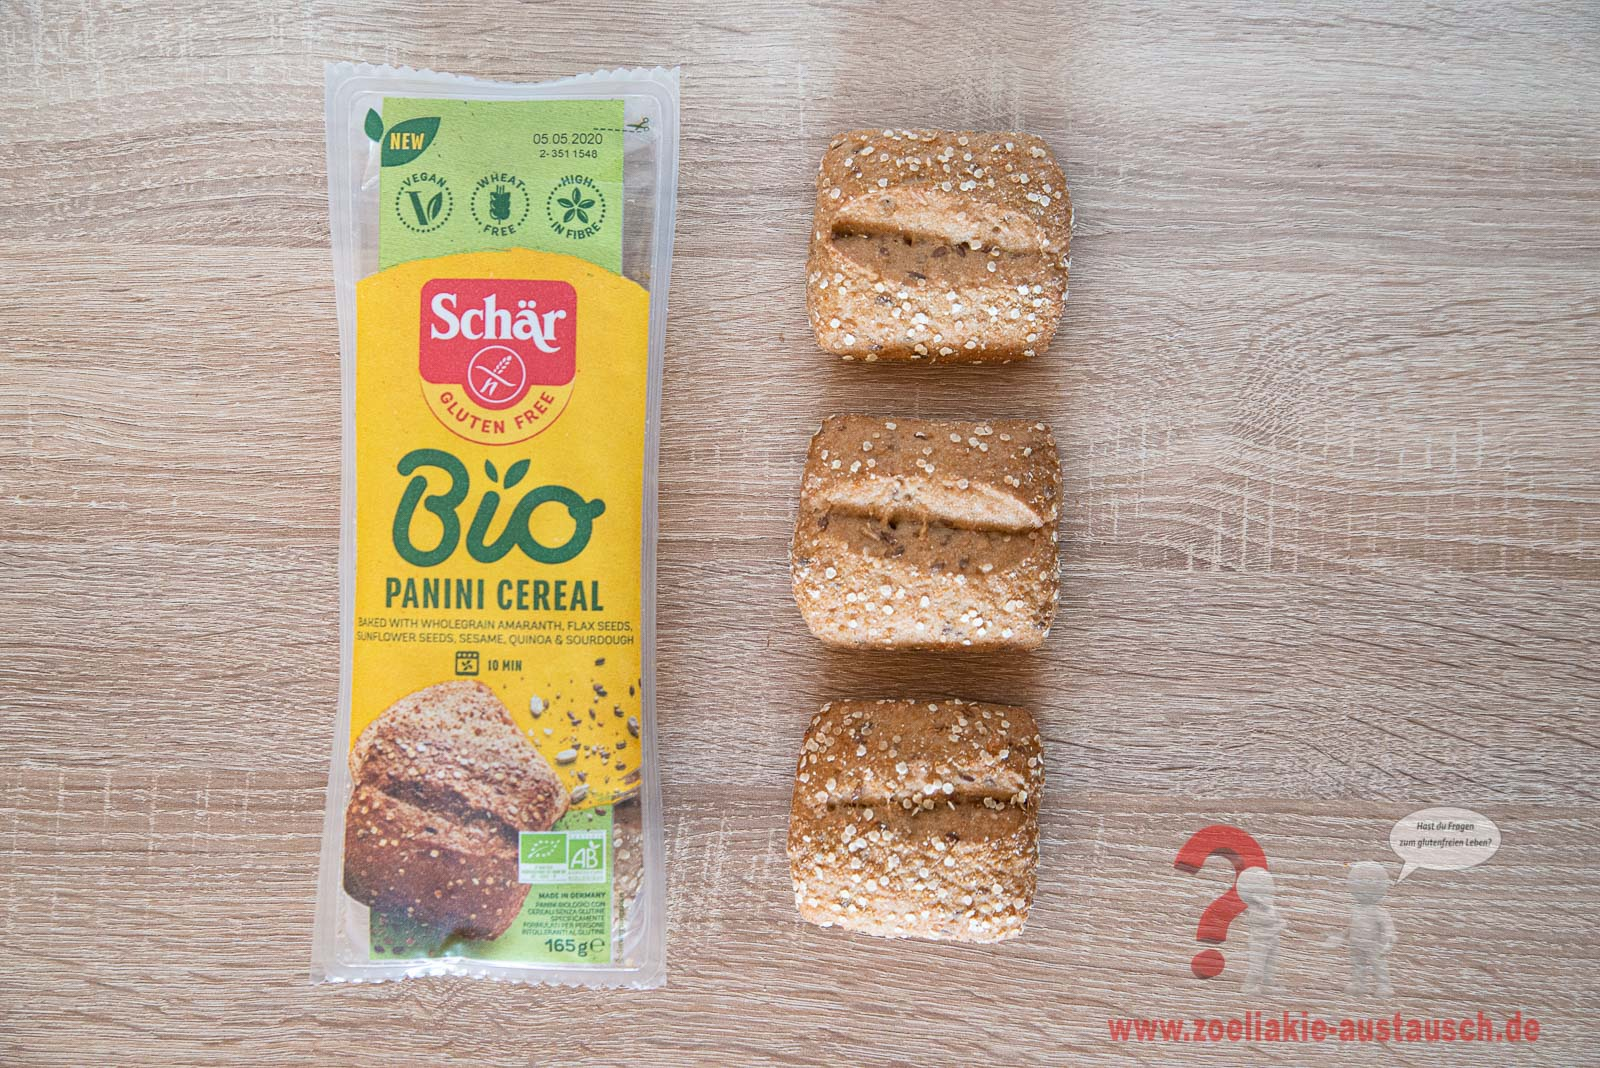 Zoeliakie_Austausch_Schaer_glutenfrei_Bio-038